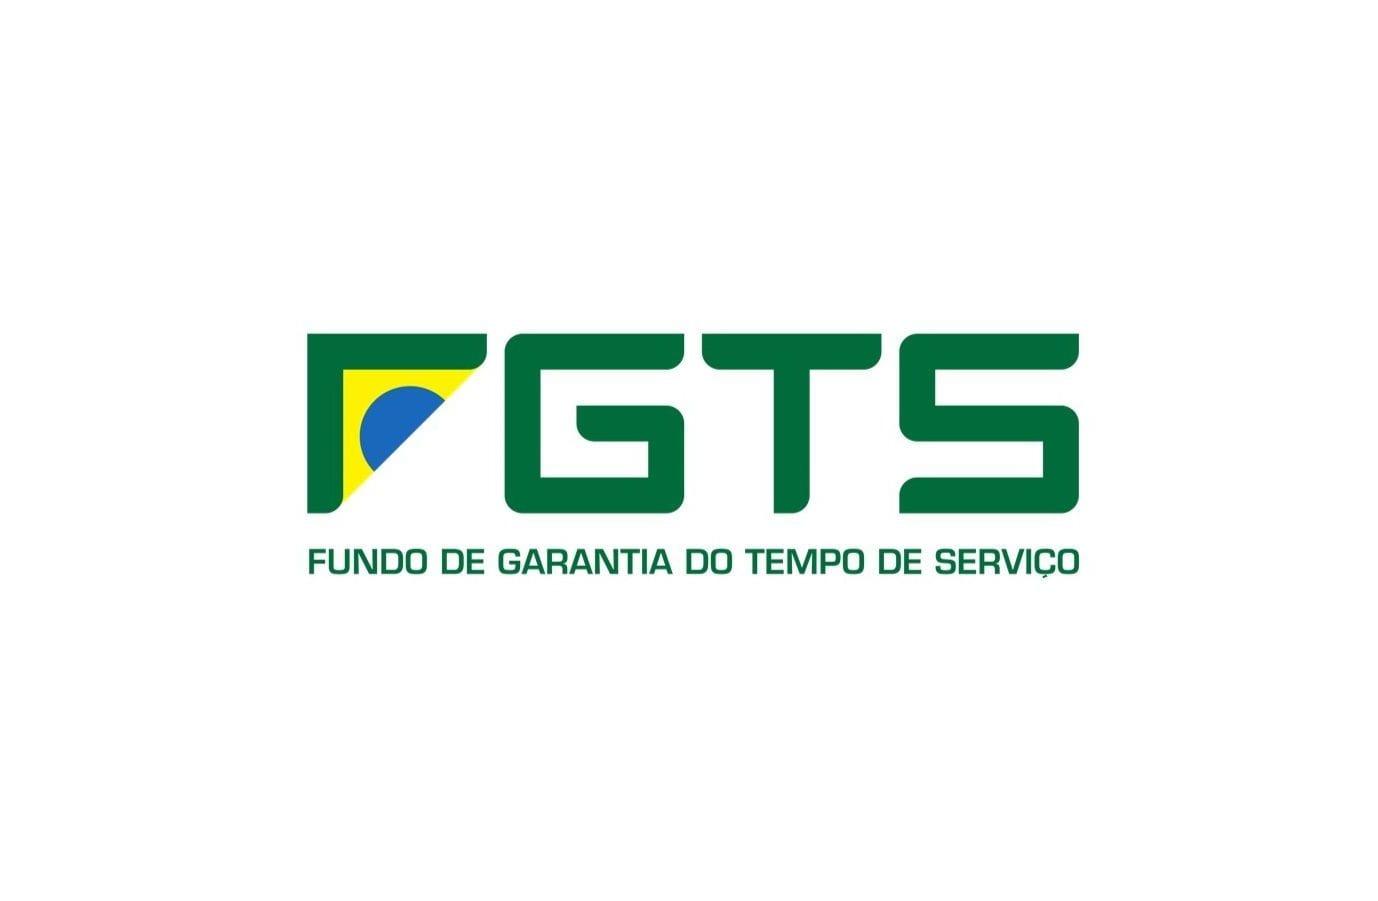 Como Saber se Tenho Direito ao FGTS?